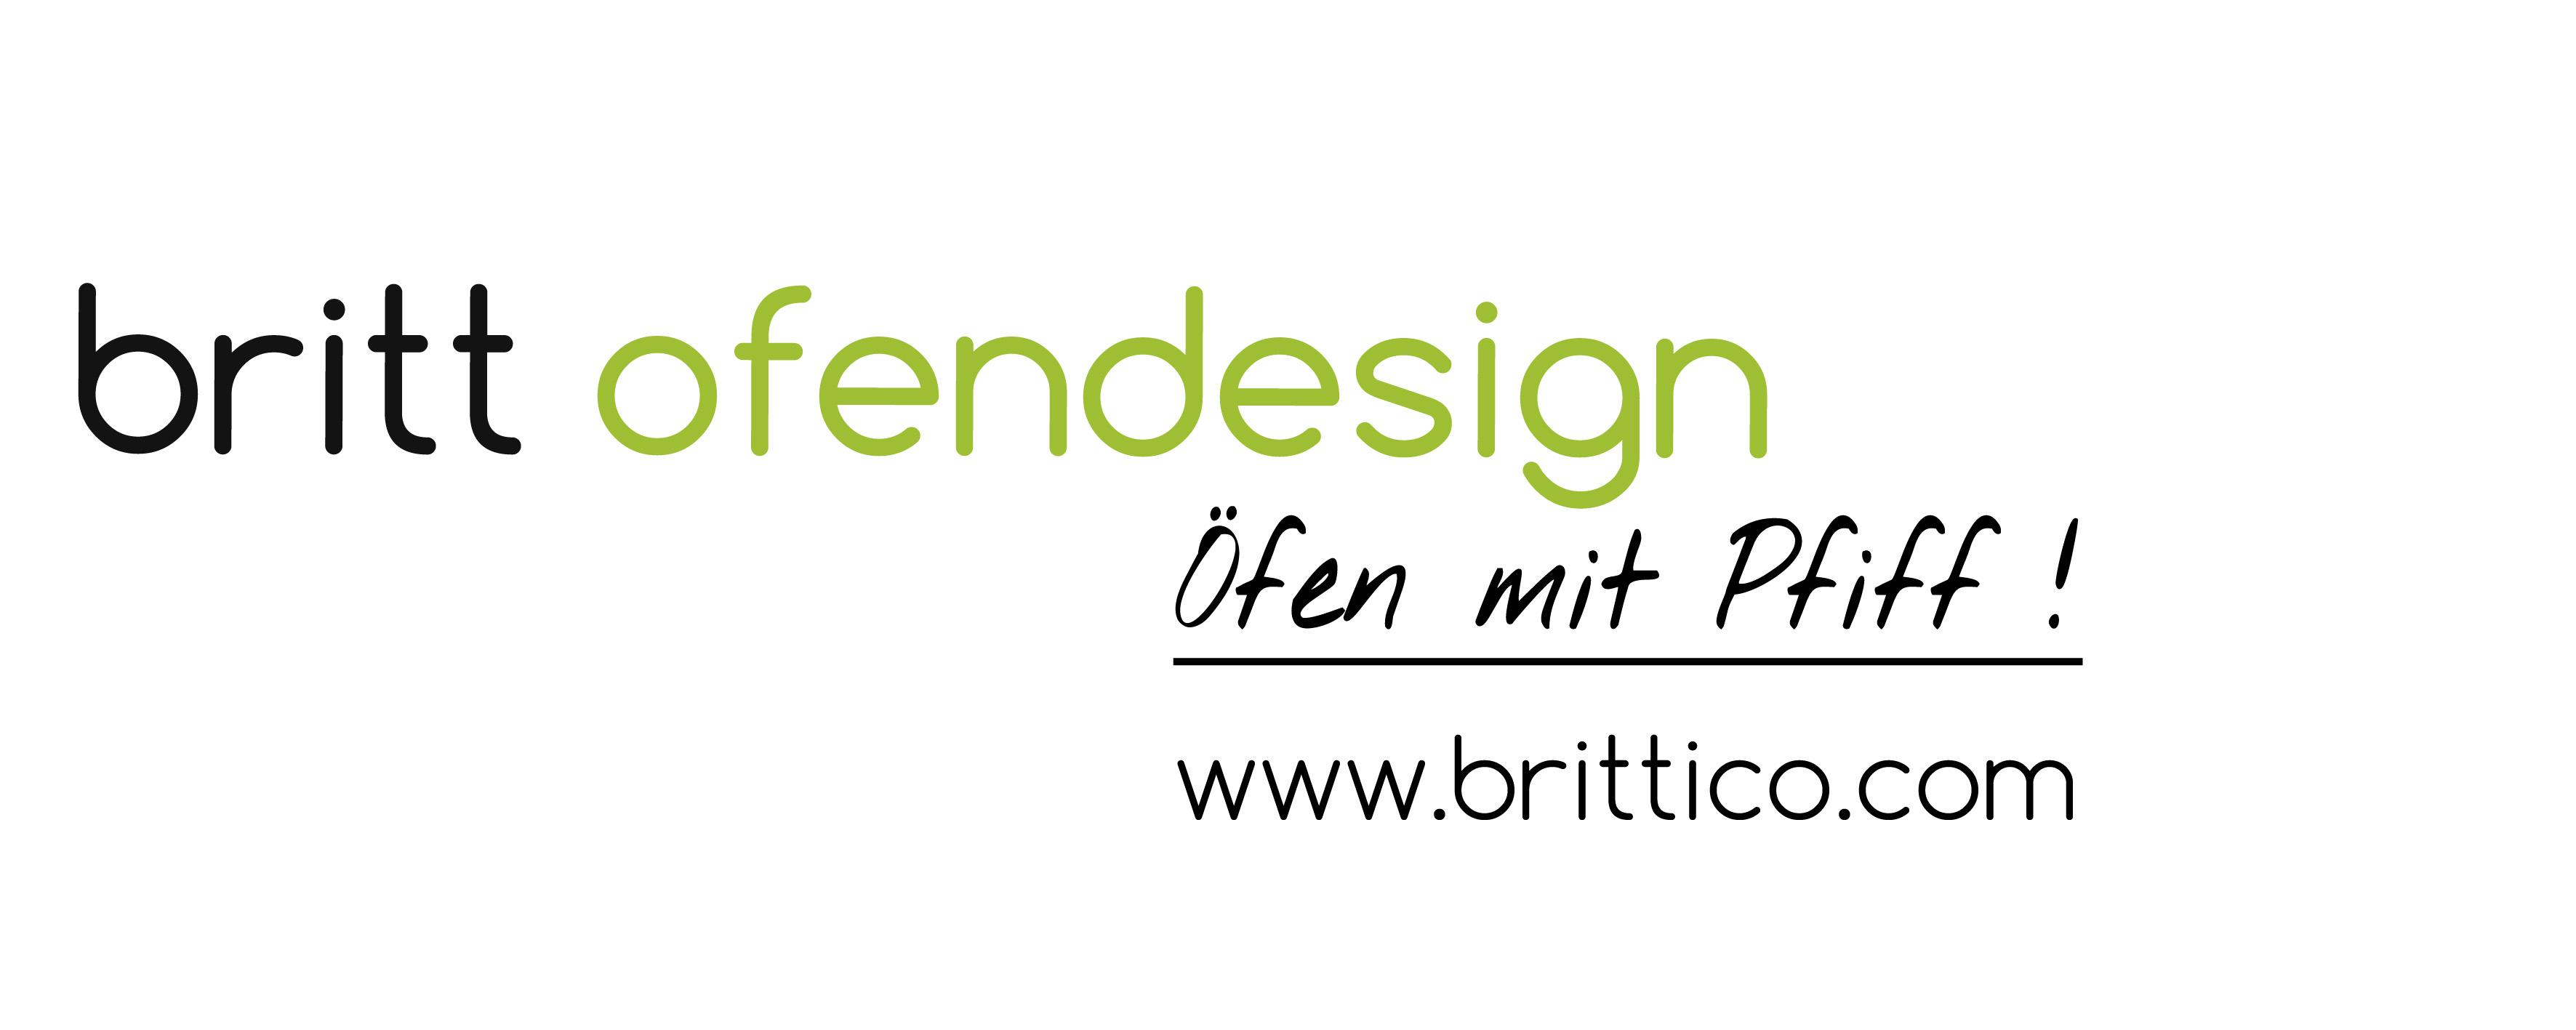 fiverr_logo_britt_ofendesign_GRÜN_comfortaa_regular